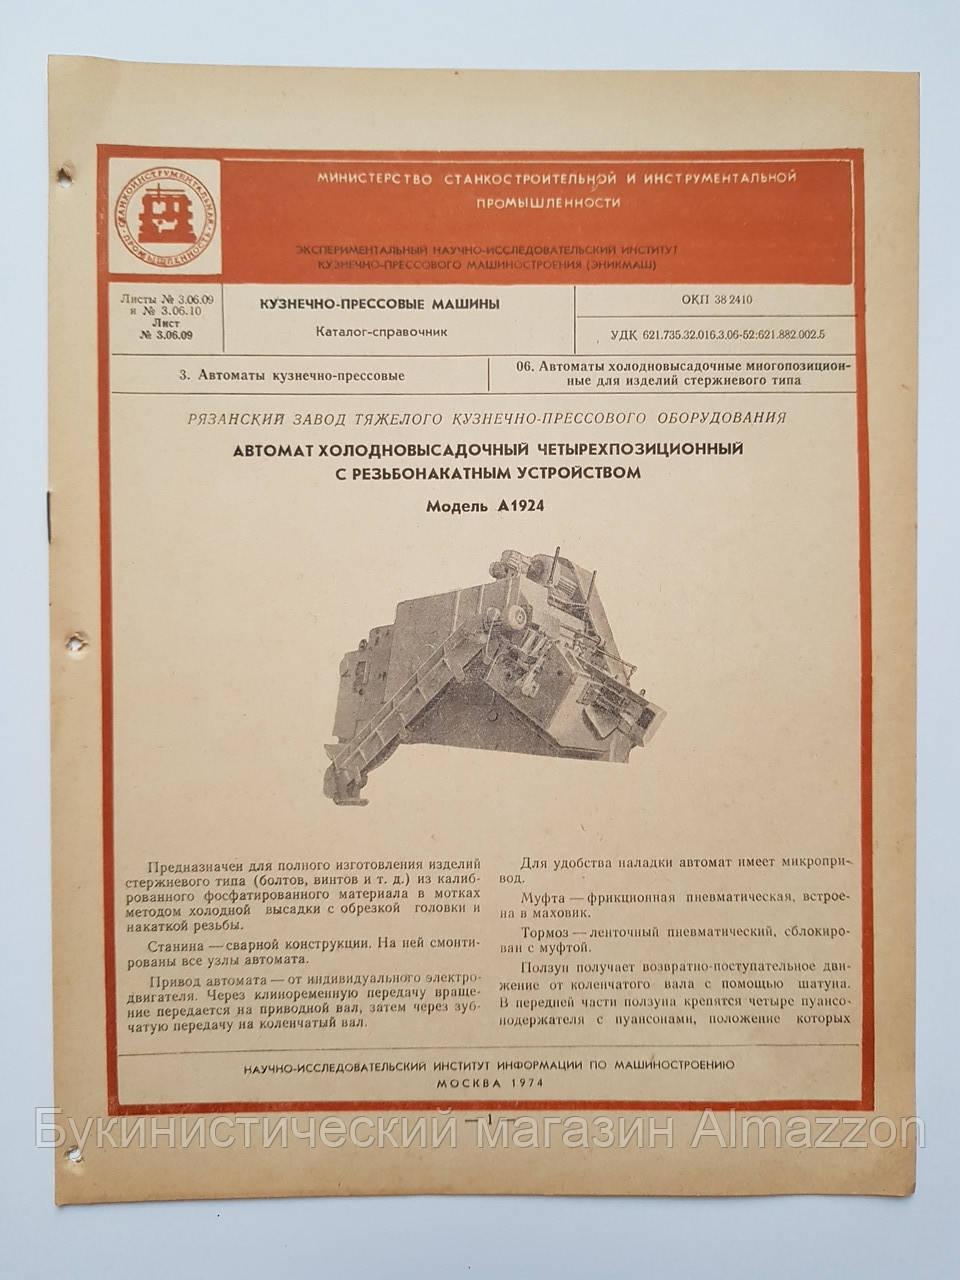 Журнал (Бюллетень) Автомат холодновысадочный четырехпозиционный з резьбонакатным устройством А1924, А1725